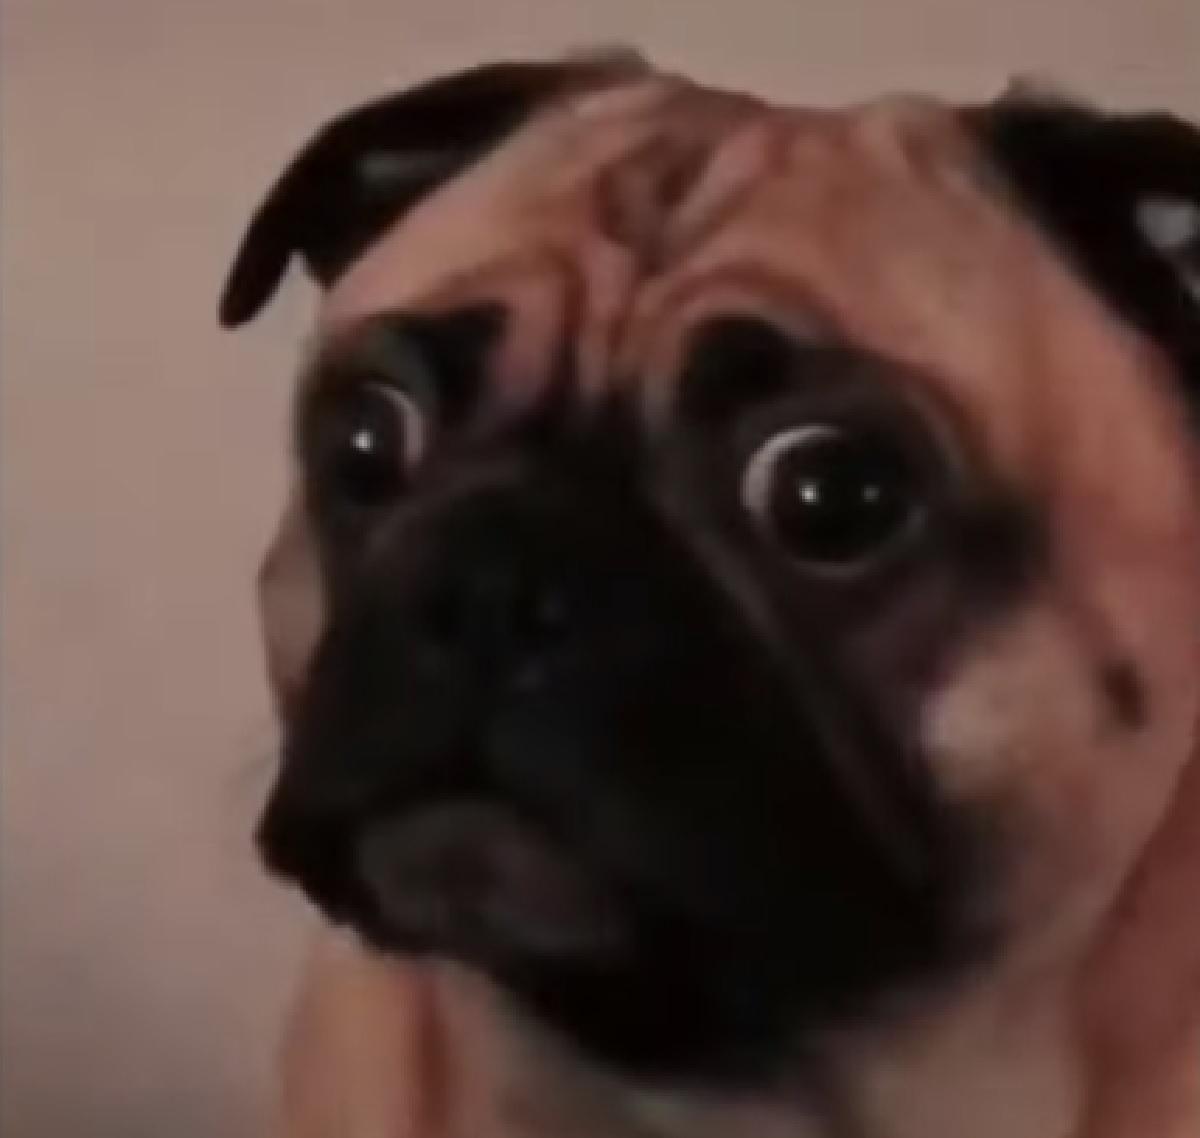 kobe cucciolo carlino non crede alle proprie orecchie